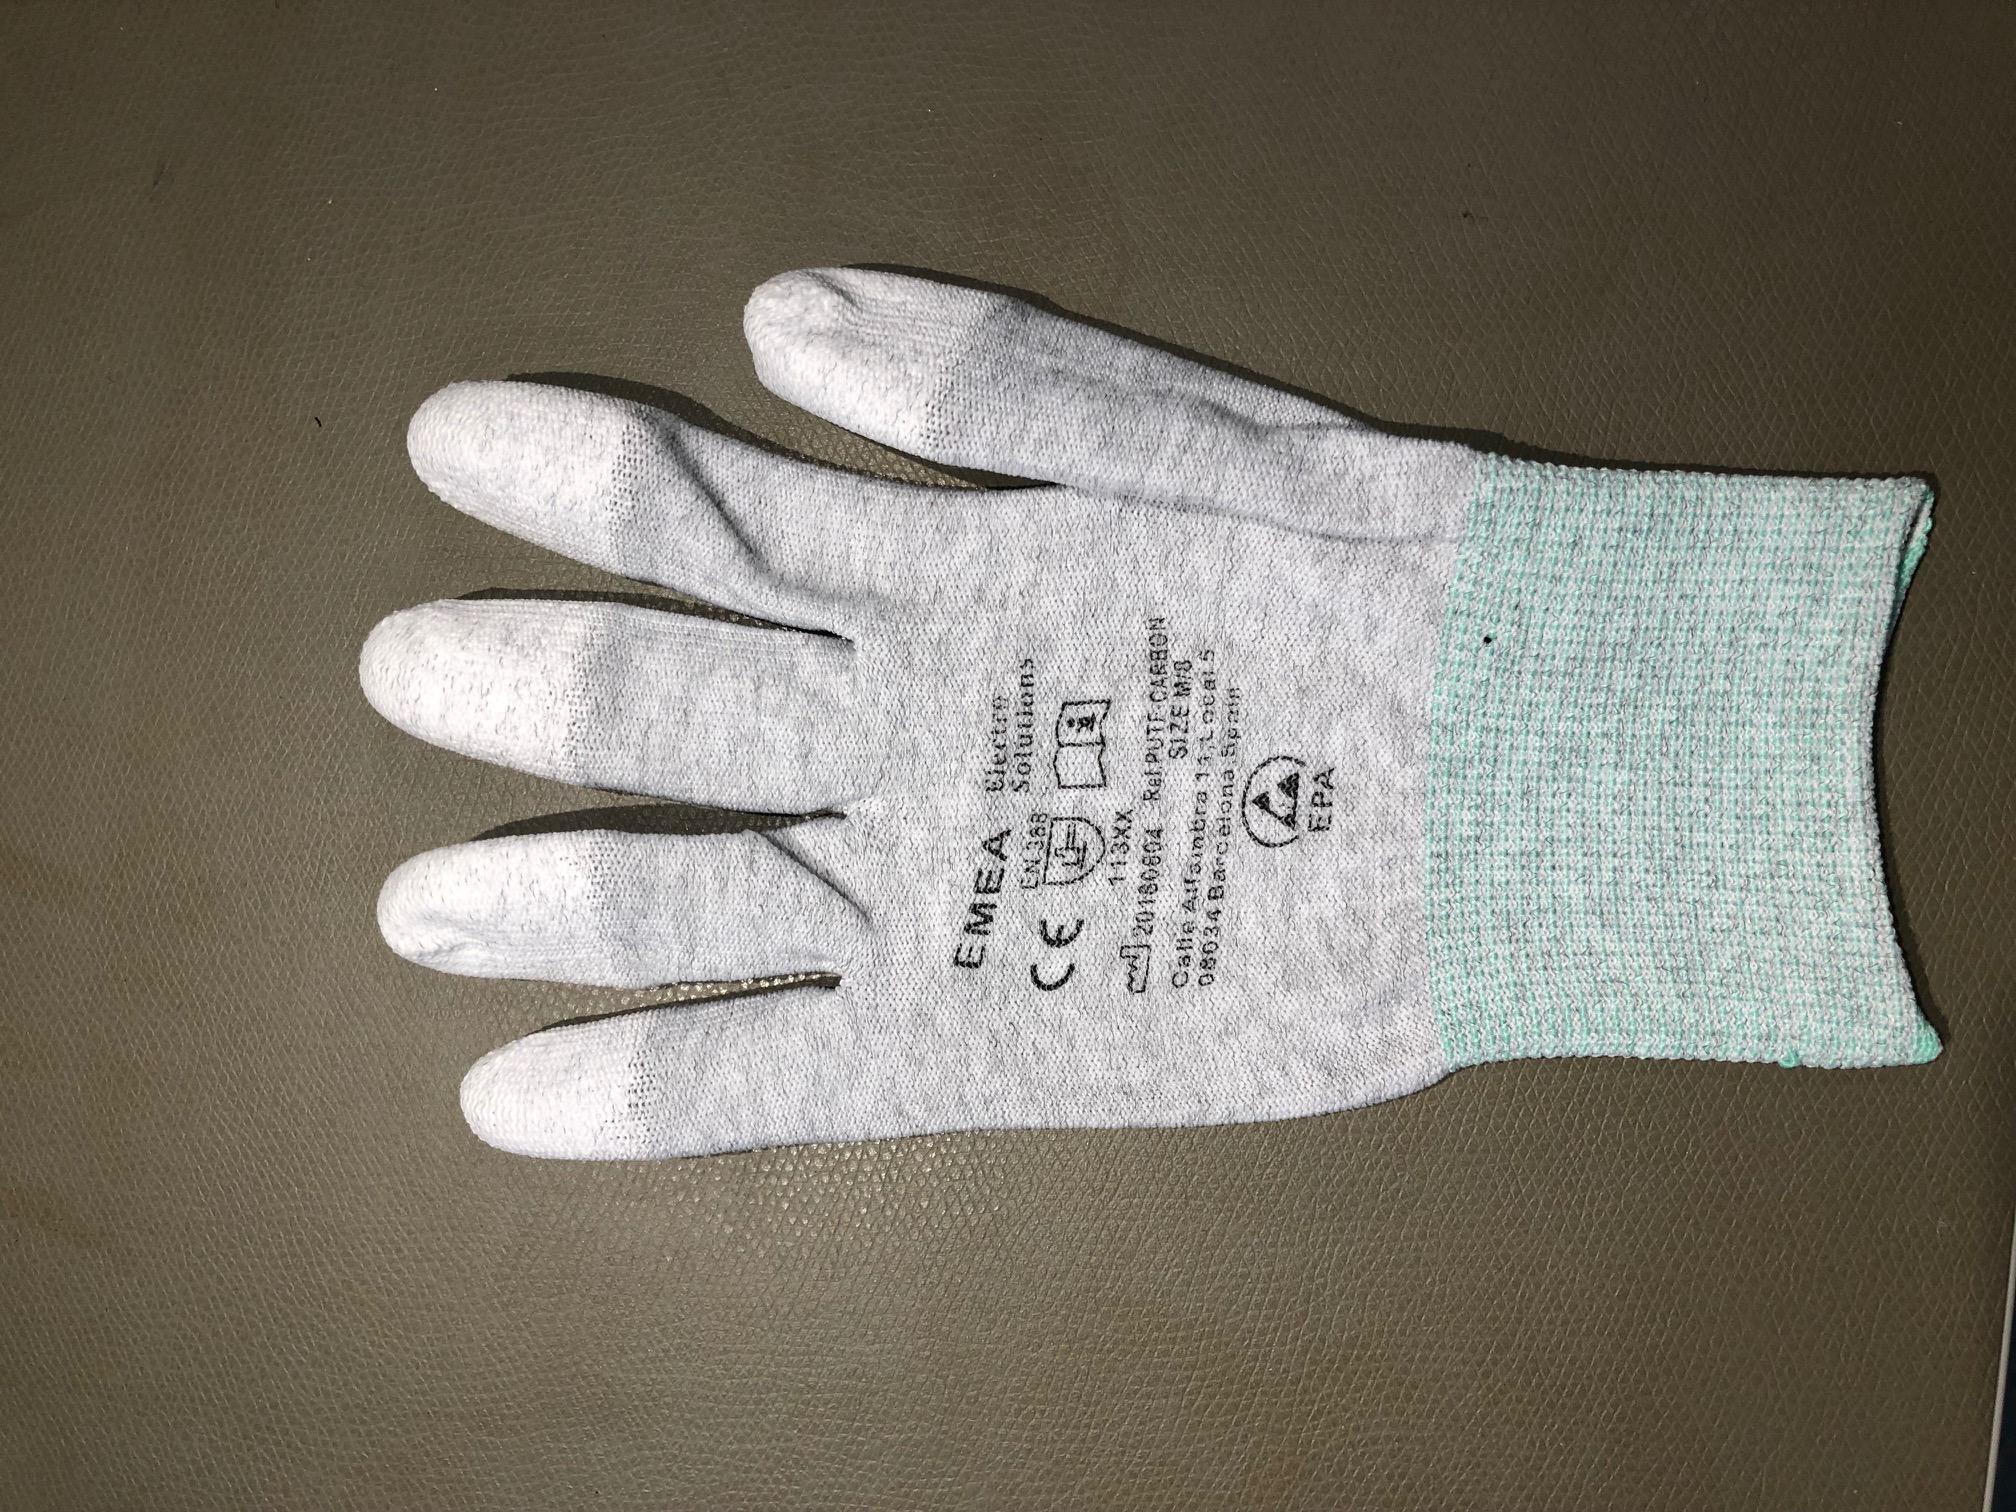 ESD-käsine,CA-kuitu,PU-sormet, M(8)